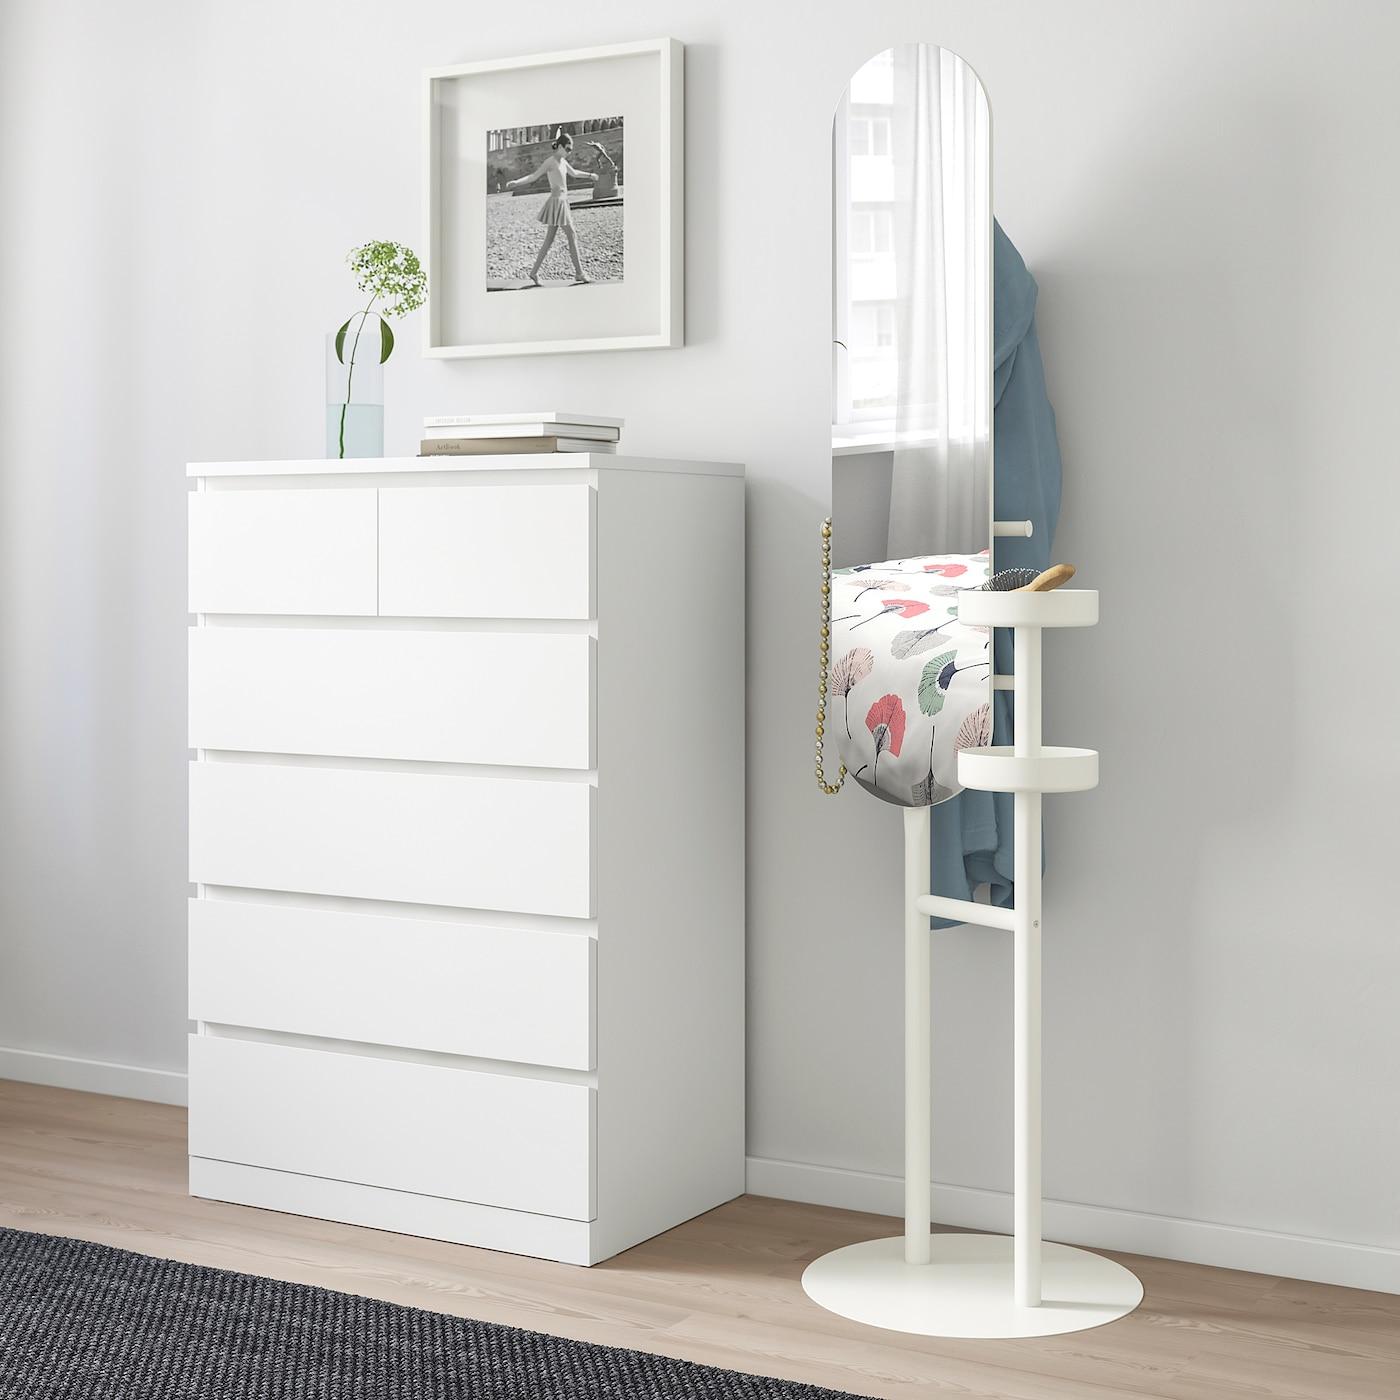 LIERSKOGEN Kleiderständer mit Spiegel, weiß, 50x185 cm